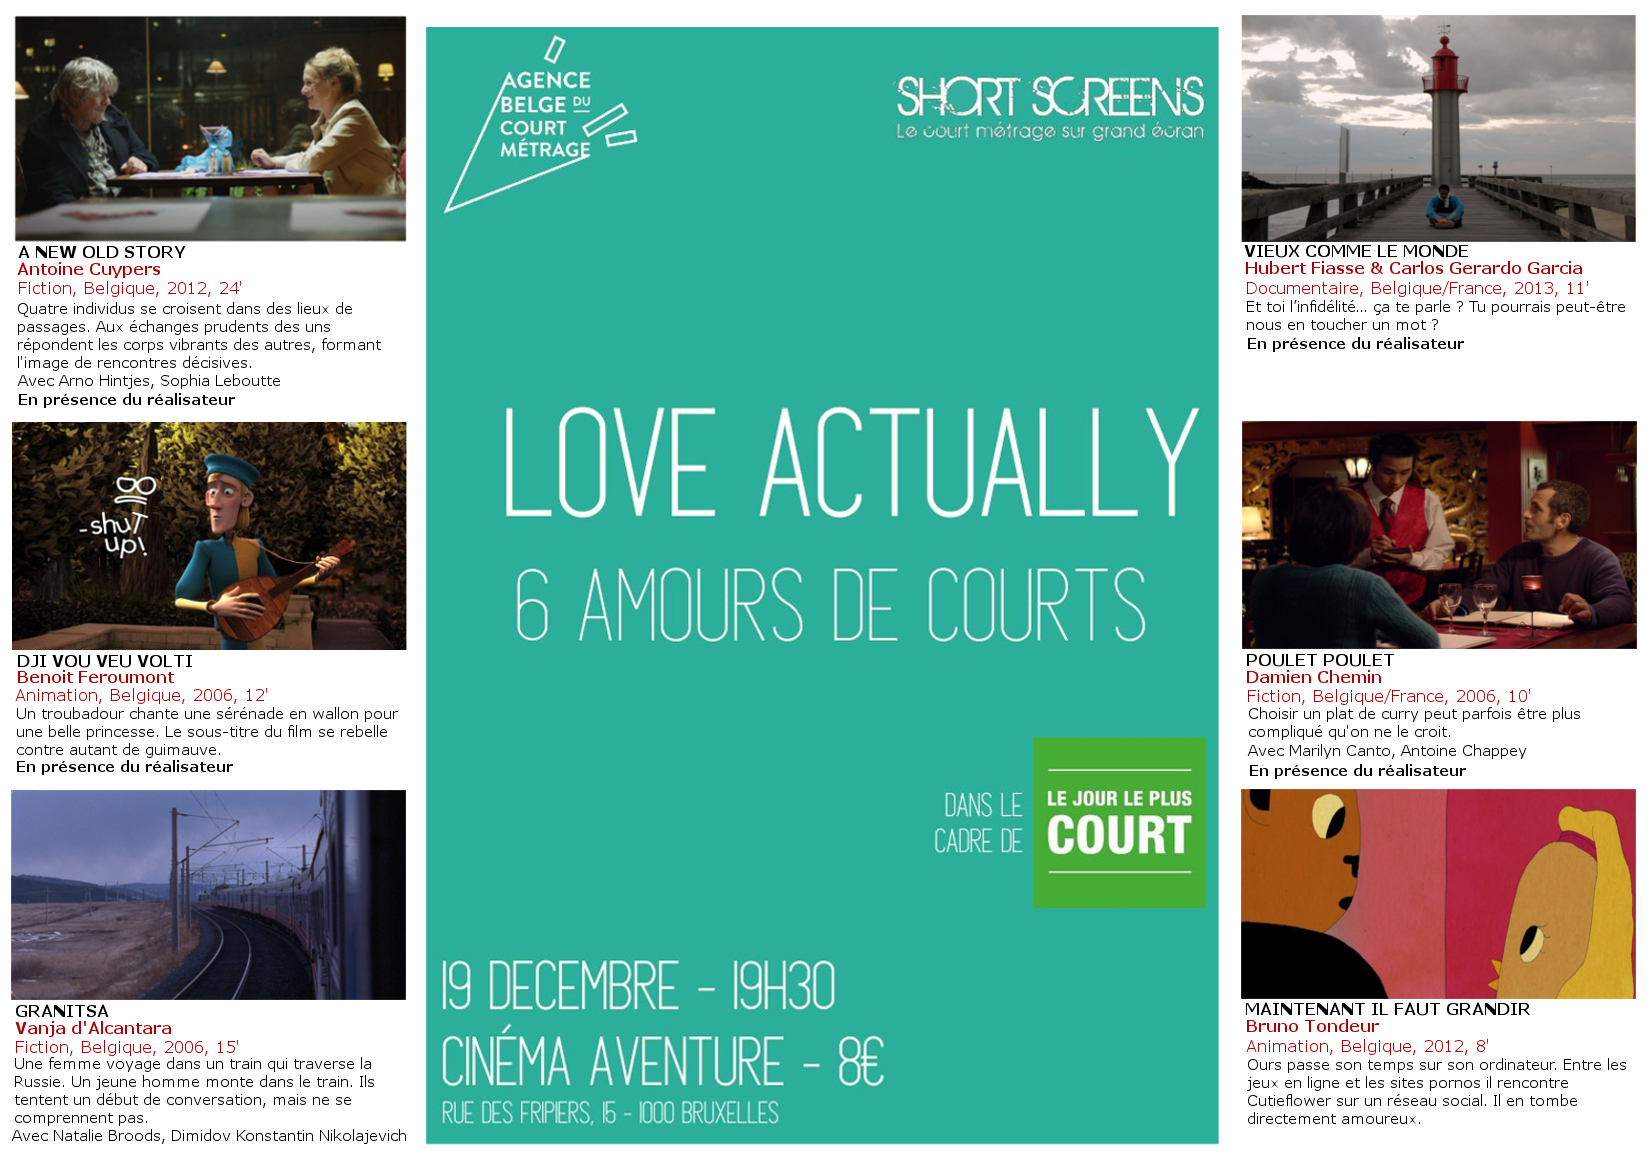 A3 - Love Actually JLPC